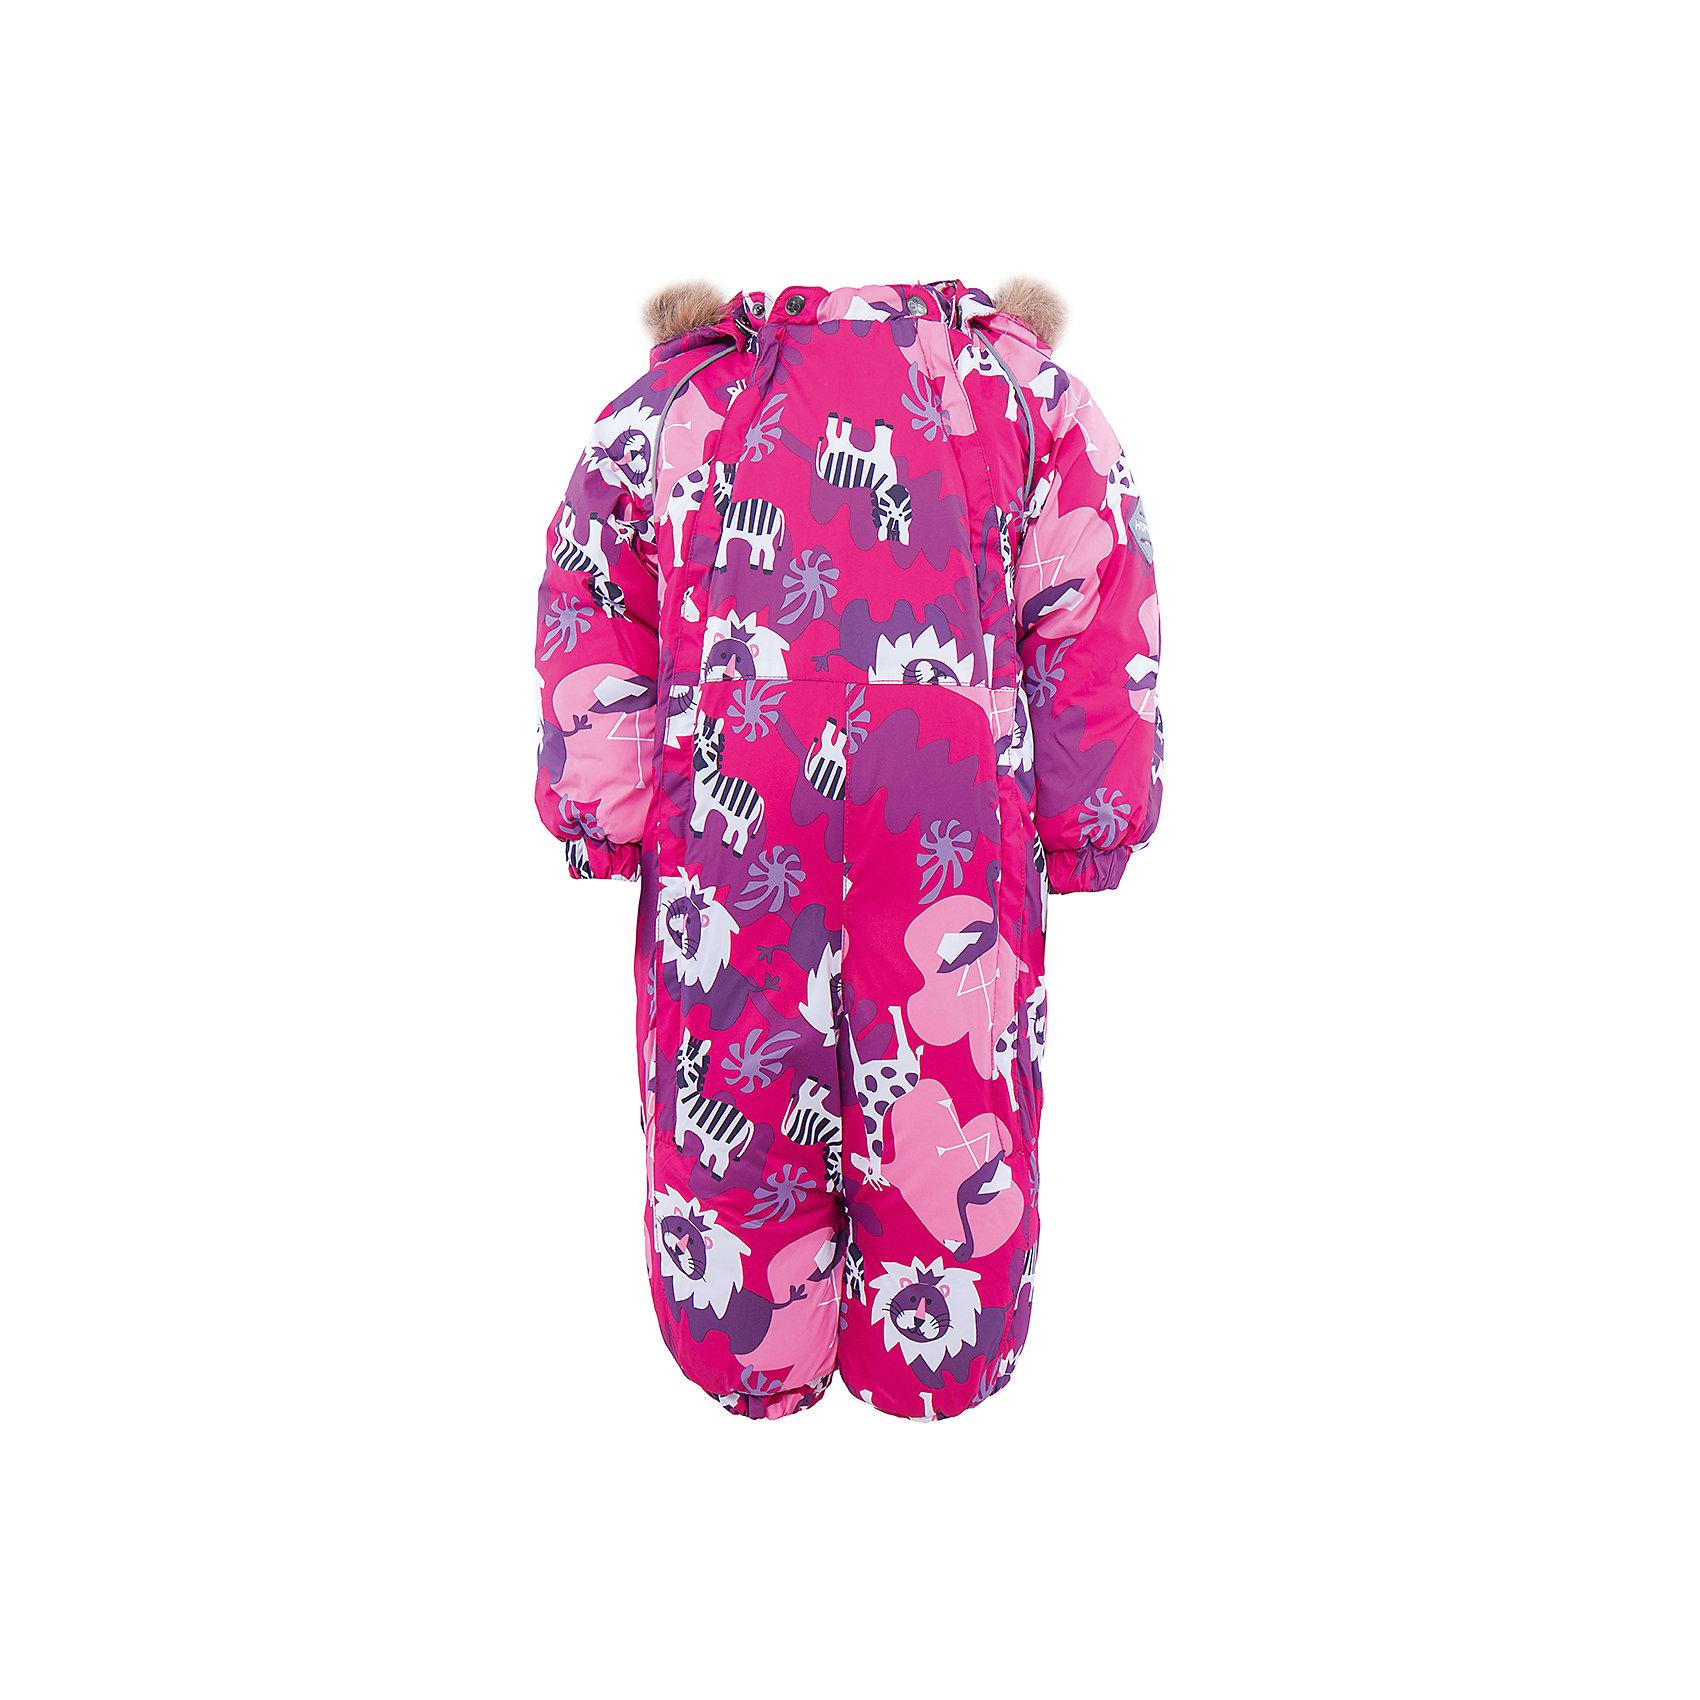 Комбинезон для девочки HuppaВерхняя одежда<br>Зимний комбинезон KEIRA Huppa (Хуппа) с необычной расцветкой и зверюшками изготовлен специально для малышей. <br><br>Утеплитель: 100% полиэстер, 300 гр.<br><br>Температурный режим: до -30 градусов. Степень утепления – высокая. <br><br>* Температурный режим указан приблизительно — необходимо, прежде всего, ориентироваться на ощущения ребенка. Температурный режим работает в случае соблюдения правила многослойности – использования флисовой поддевы и термобелья.<br><br>Мембрана с изнаночной стороны защитит от воды, ветра и выведет лишнюю влагу во избежание перегрева. Утеплитель HuppaTherm быстро восстанавливается и неприхотлив в уходе. Комбинезон имеет резинки на талии и манжетах, благодаря чему вы можете не переживать о том, что снег попадет крохе под одежду. Комбинезон застегивается на две молнии спереди, что особенно удобно для маленьких непосед.<br><br>Особенности:<br>-отстегивающийся капюшон<br>-двойная молния<br>-светоотражающие полоски<br>-манжеты с отворотом у размеров 68-80<br><br>Дополнительная информация:<br>Материал: 100% полиэстер<br>Подкладка: фланель - 100% хлопок<br>Цвет: розовый/лиловый<br><br>Вы можете приобрести комбинезон KEIRA Huppa (Хуппа) в нашем интернет-магазине.<br><br>Ширина мм: 356<br>Глубина мм: 10<br>Высота мм: 245<br>Вес г: 519<br>Цвет: розовый<br>Возраст от месяцев: 3<br>Возраст до месяцев: 6<br>Пол: Женский<br>Возраст: Детский<br>Размер: 68,98,74,80,86,92<br>SKU: 4928505